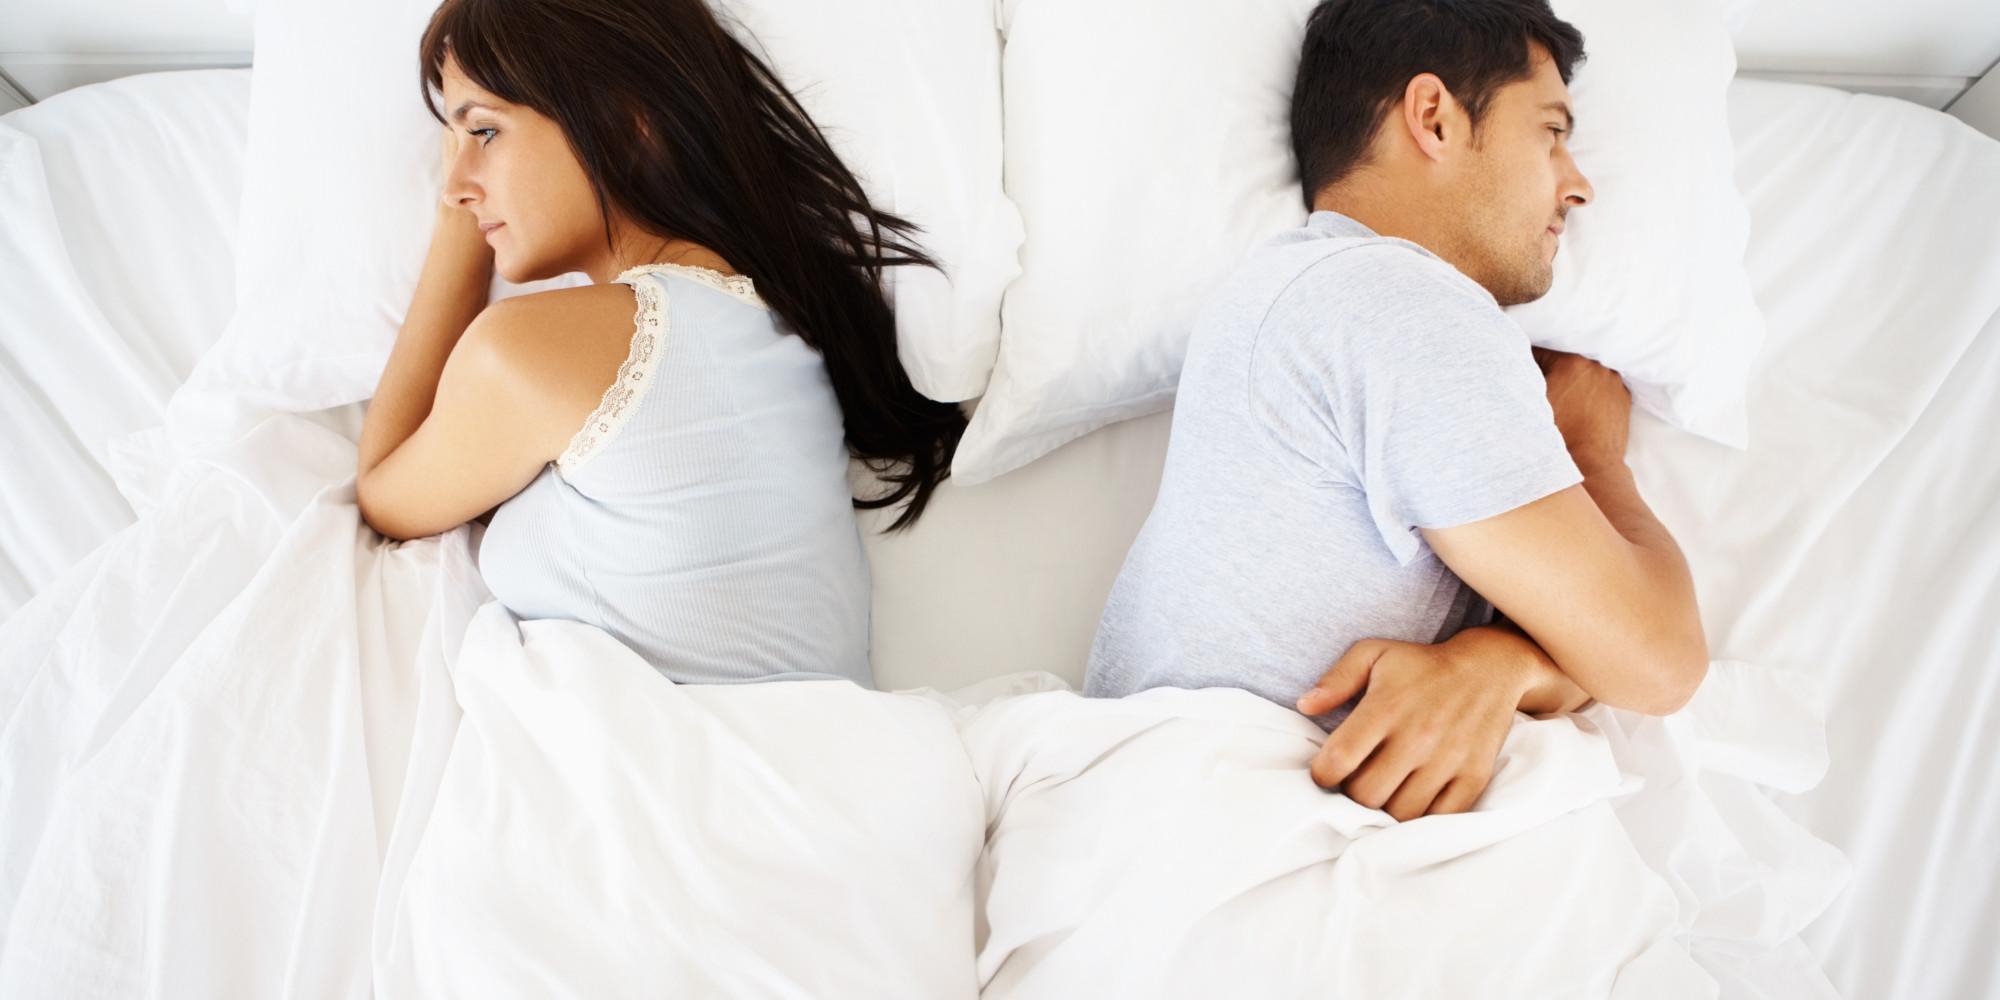 dc31121a170e8 المشكلات الجنسية سبب رئيسي للطلاق في مصر – Jasmine Elnadeem